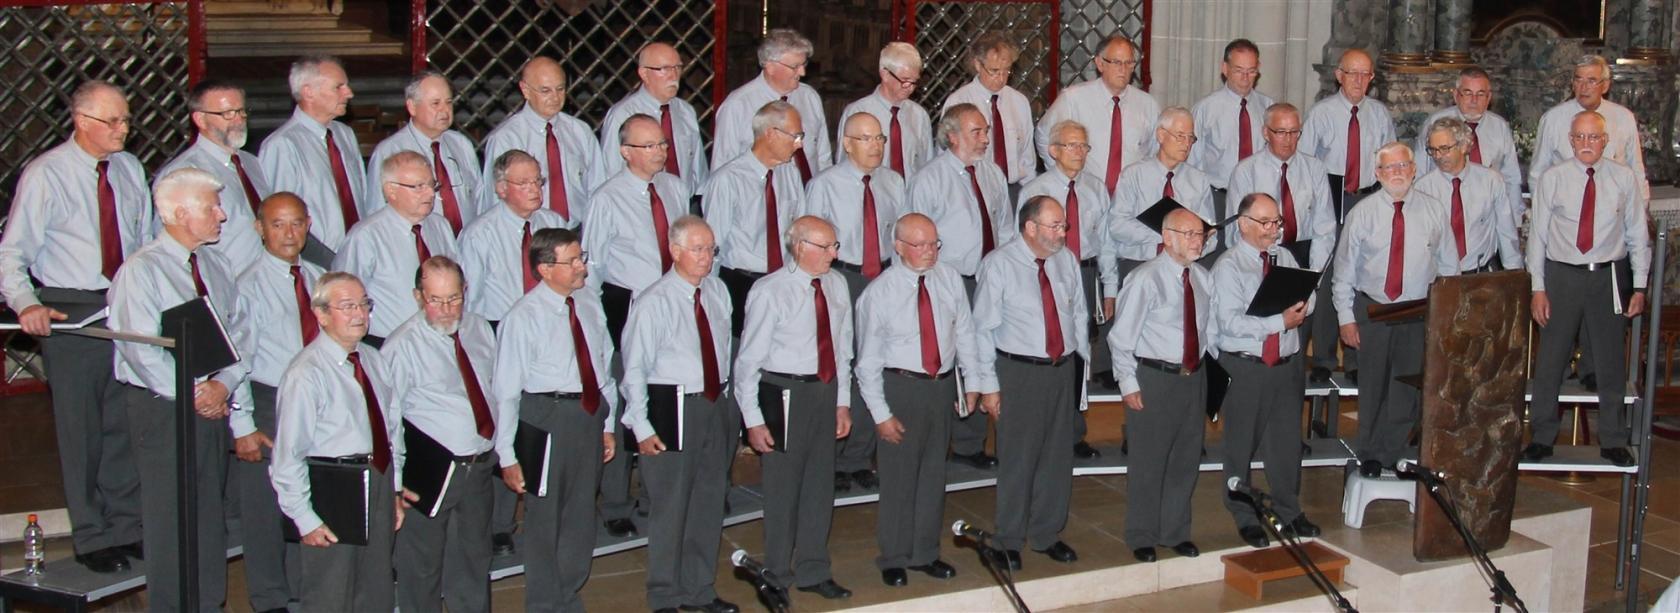 Mouezh Paotred Breizh en concert Huelgoat